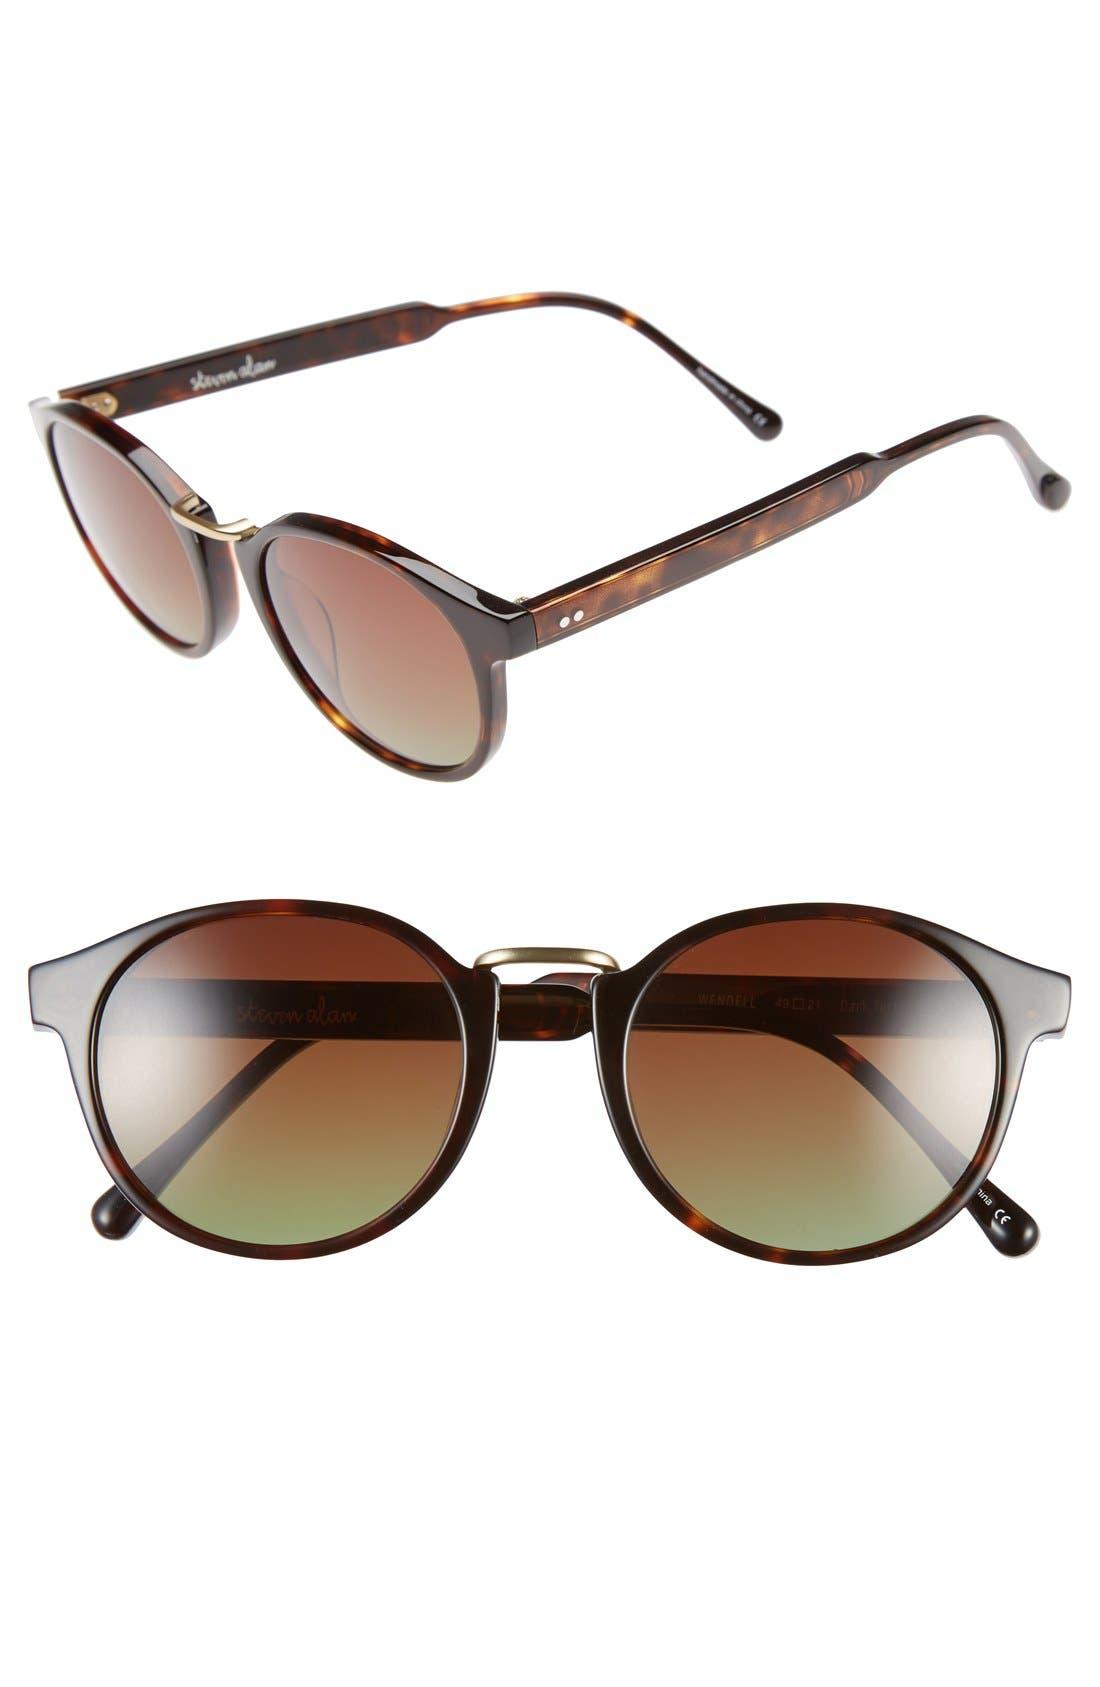 Main Image - Steven Alan 'Wendell' 49mm Retro Sunglasses